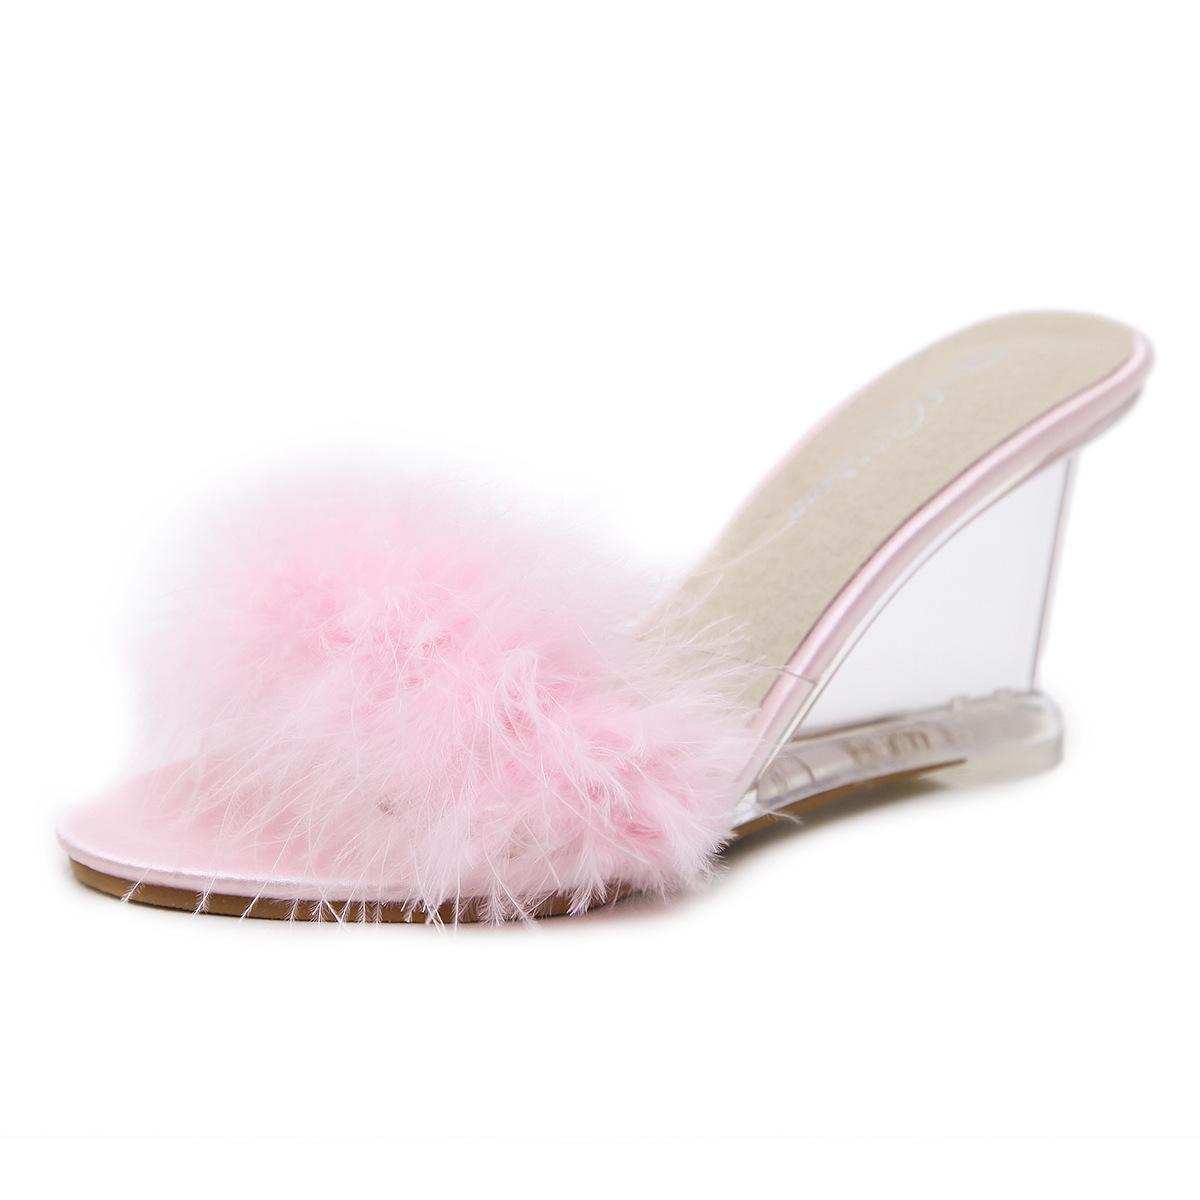 684c2111ba Compre Cristal Sandálias Femininas Sandalias Feminina 8.5 Cm De Salto Alto  Senhoras Sandálias Cunhas Arco Transparente Praia Sandálias Zapatos Mujer  De ...